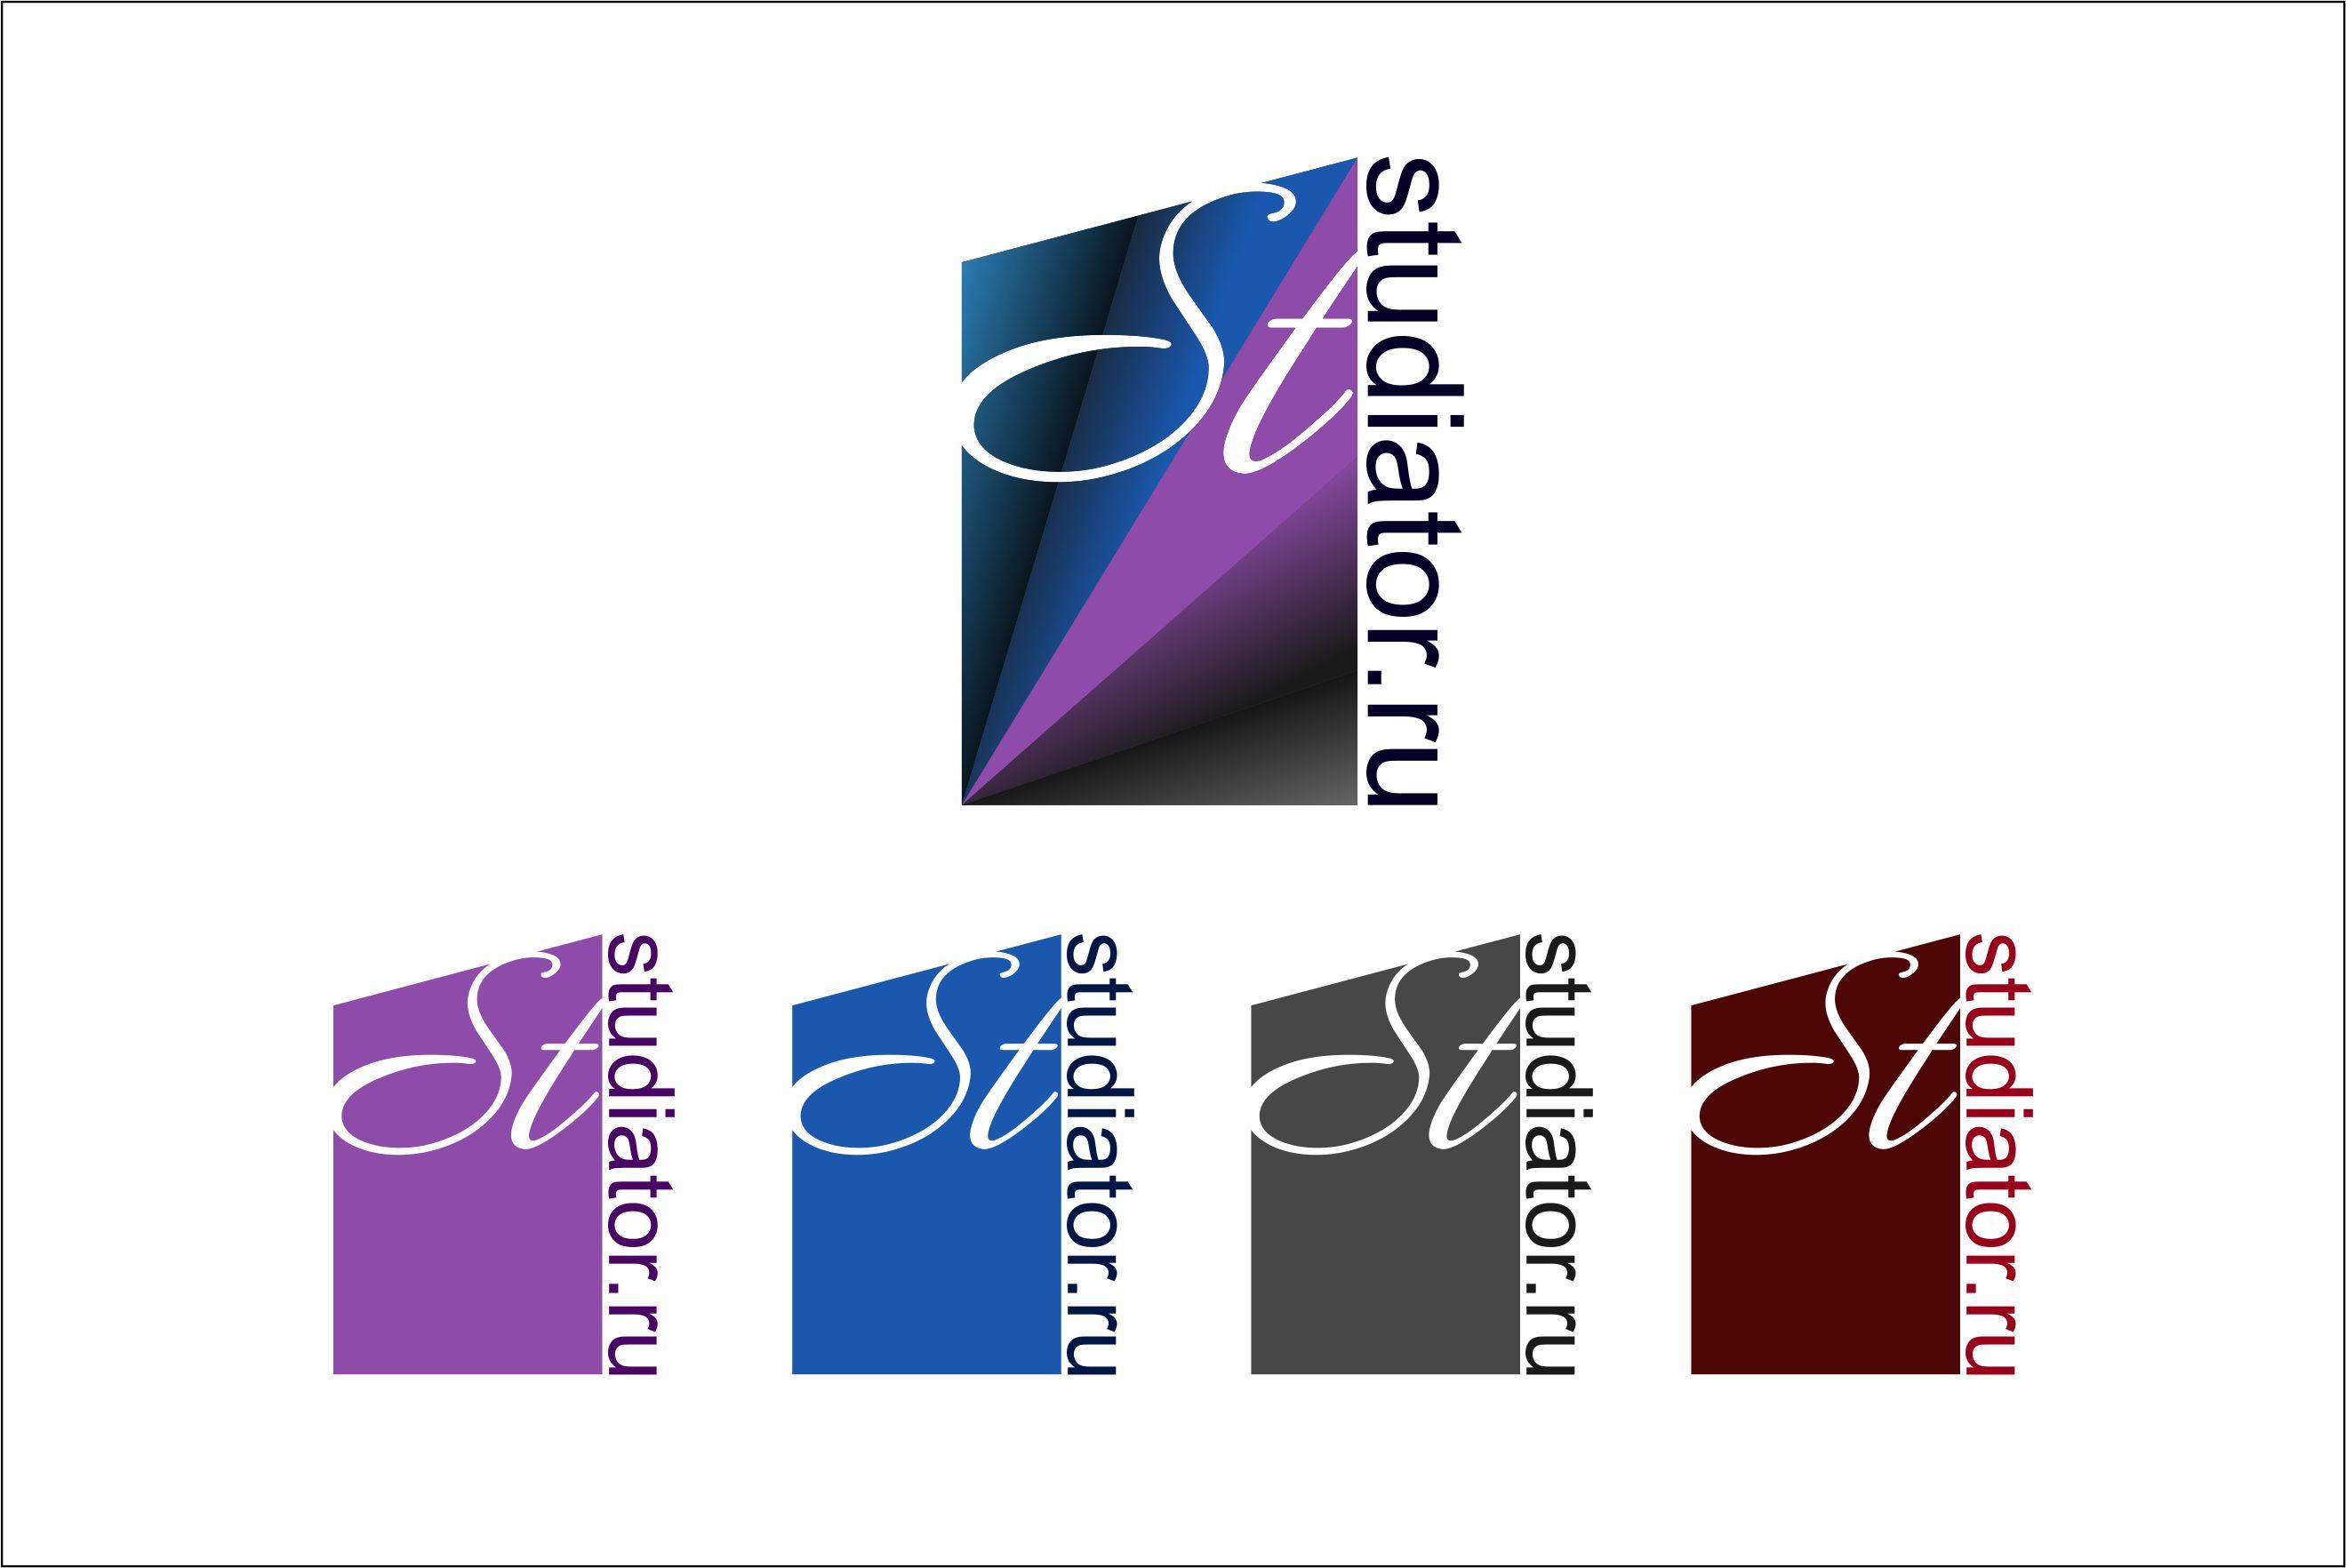 Логотип для каталога студий Веб-дизайна - дизайнер La_persona